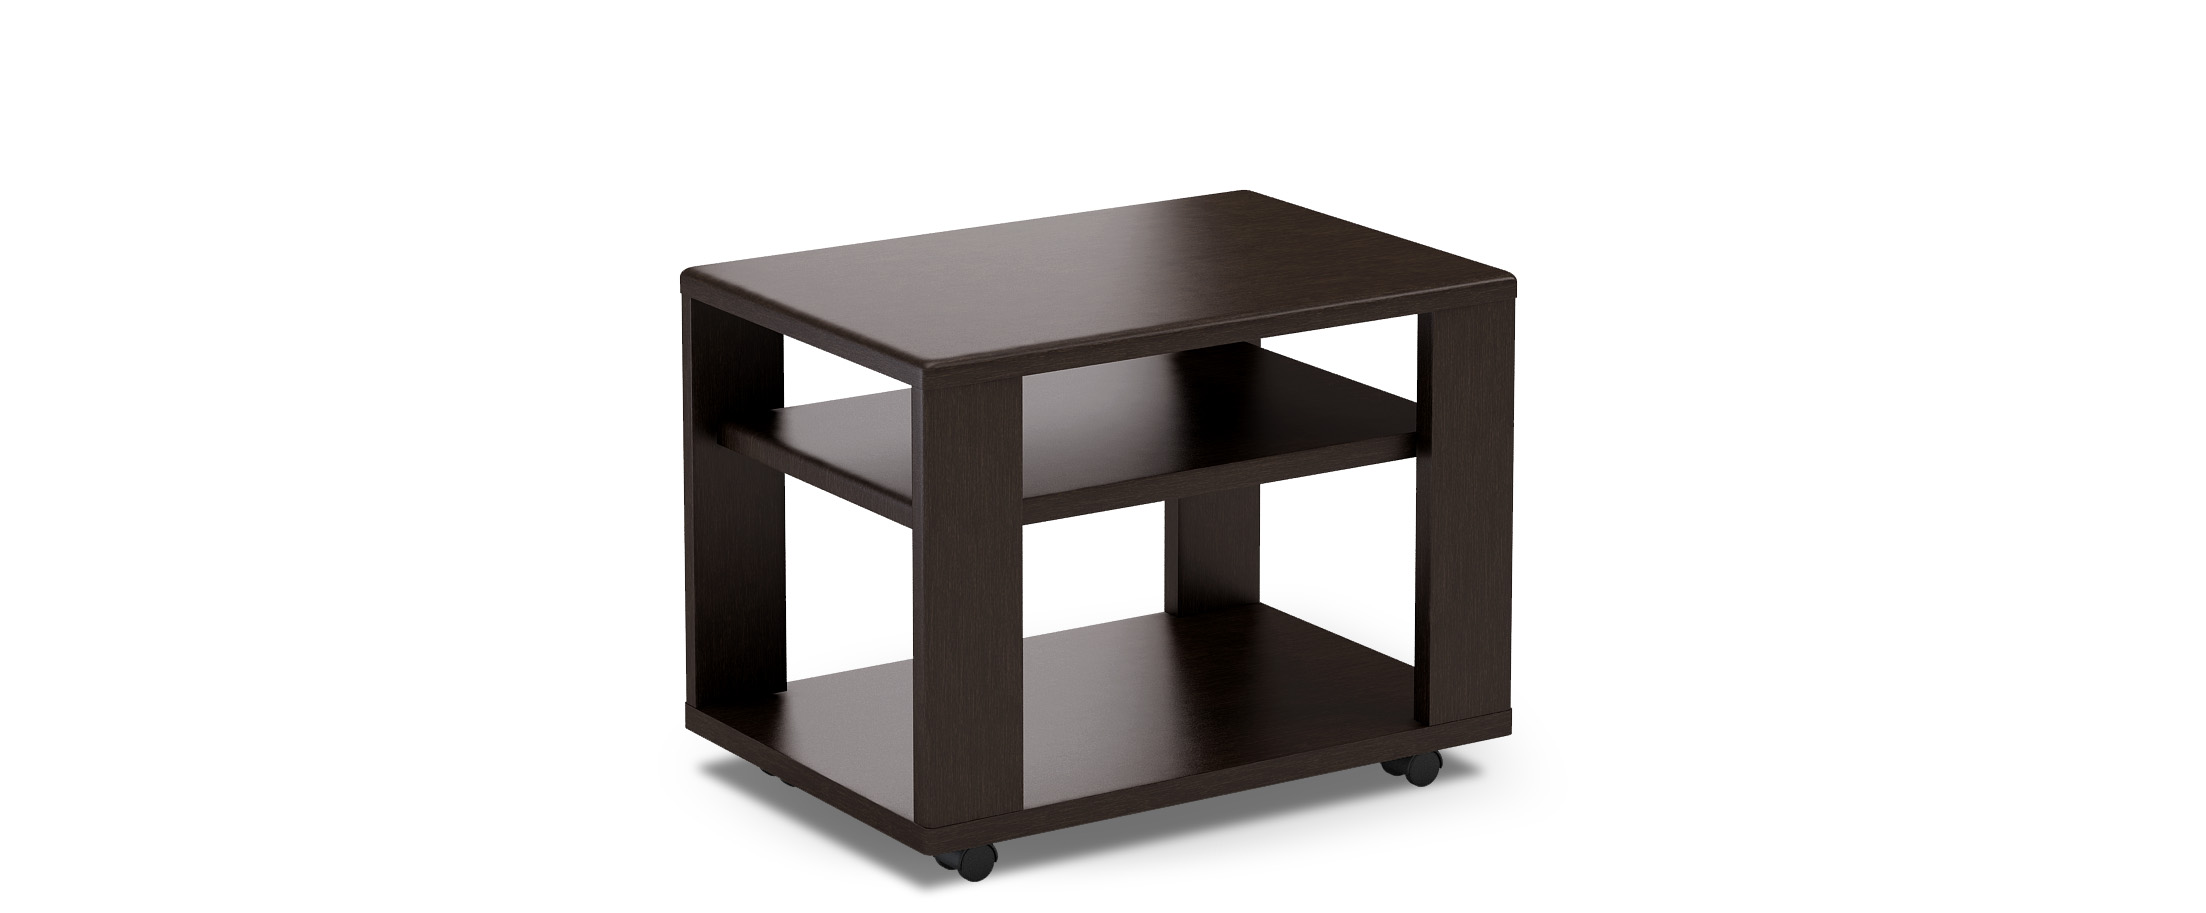 Журнальный стол Модель 026 за 8240 руб.